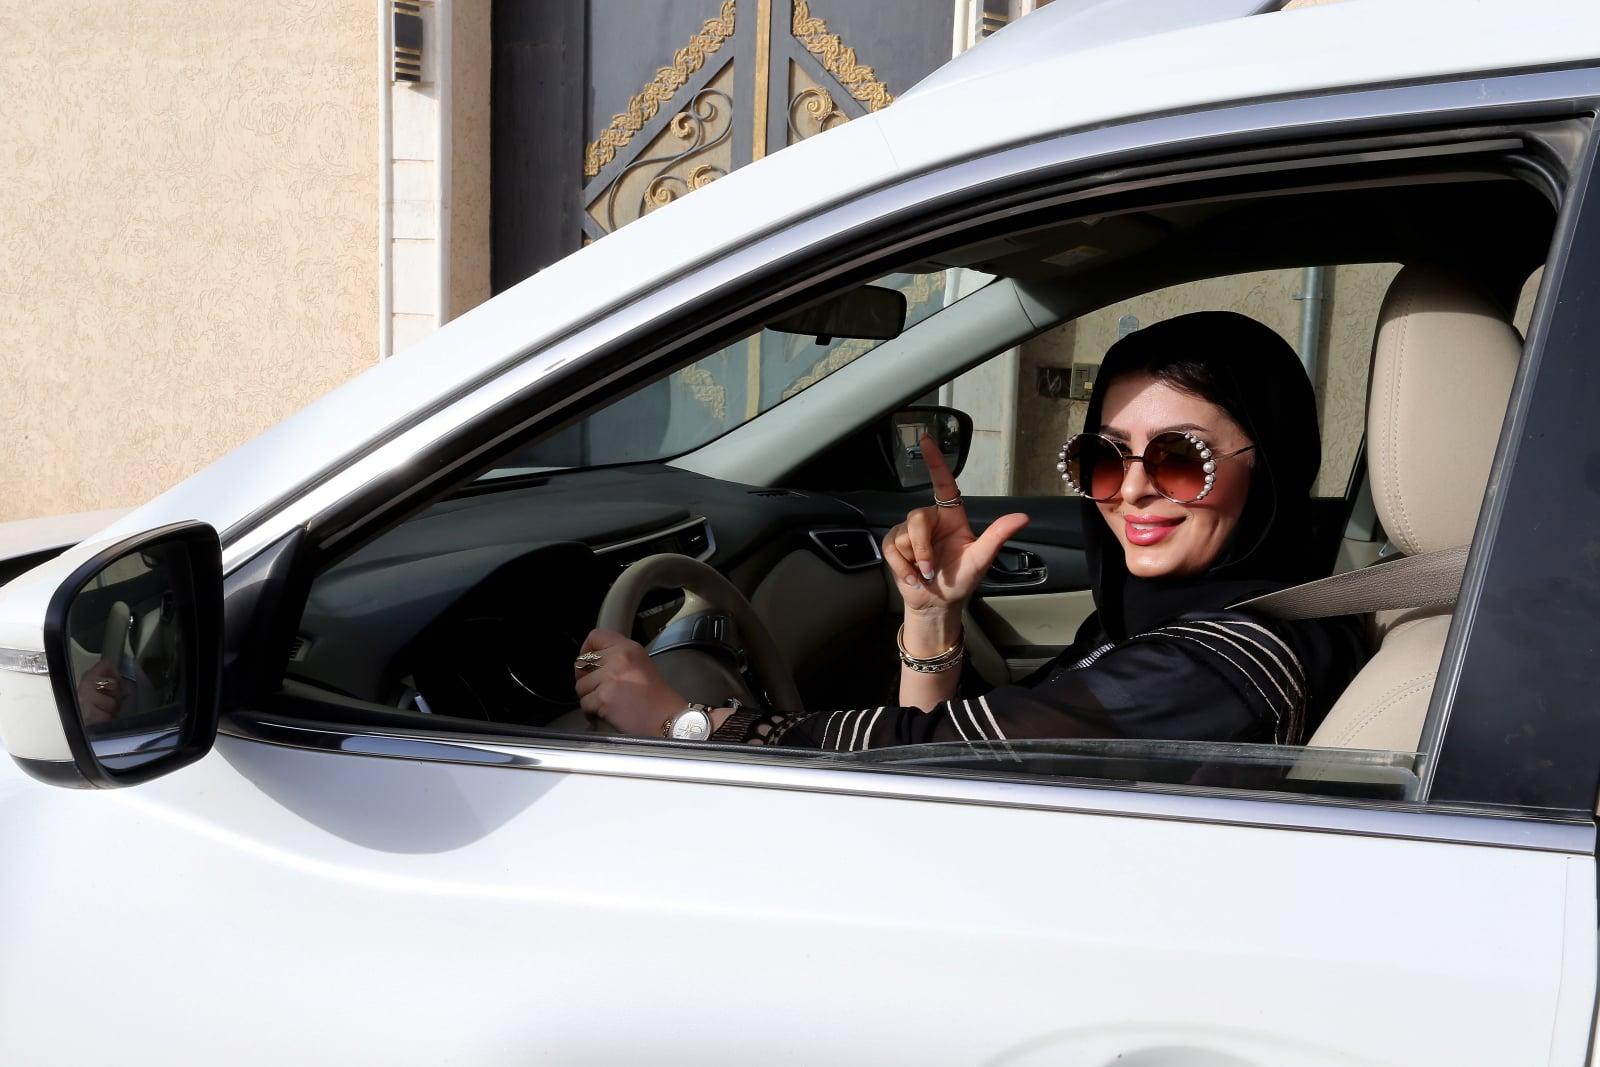 Prawo do prowadzenia pojazdów dla kobiet w Arabii Saudyjskiej fot. EPA/AHMED YOSRI Dostawca: PAP/EPA.